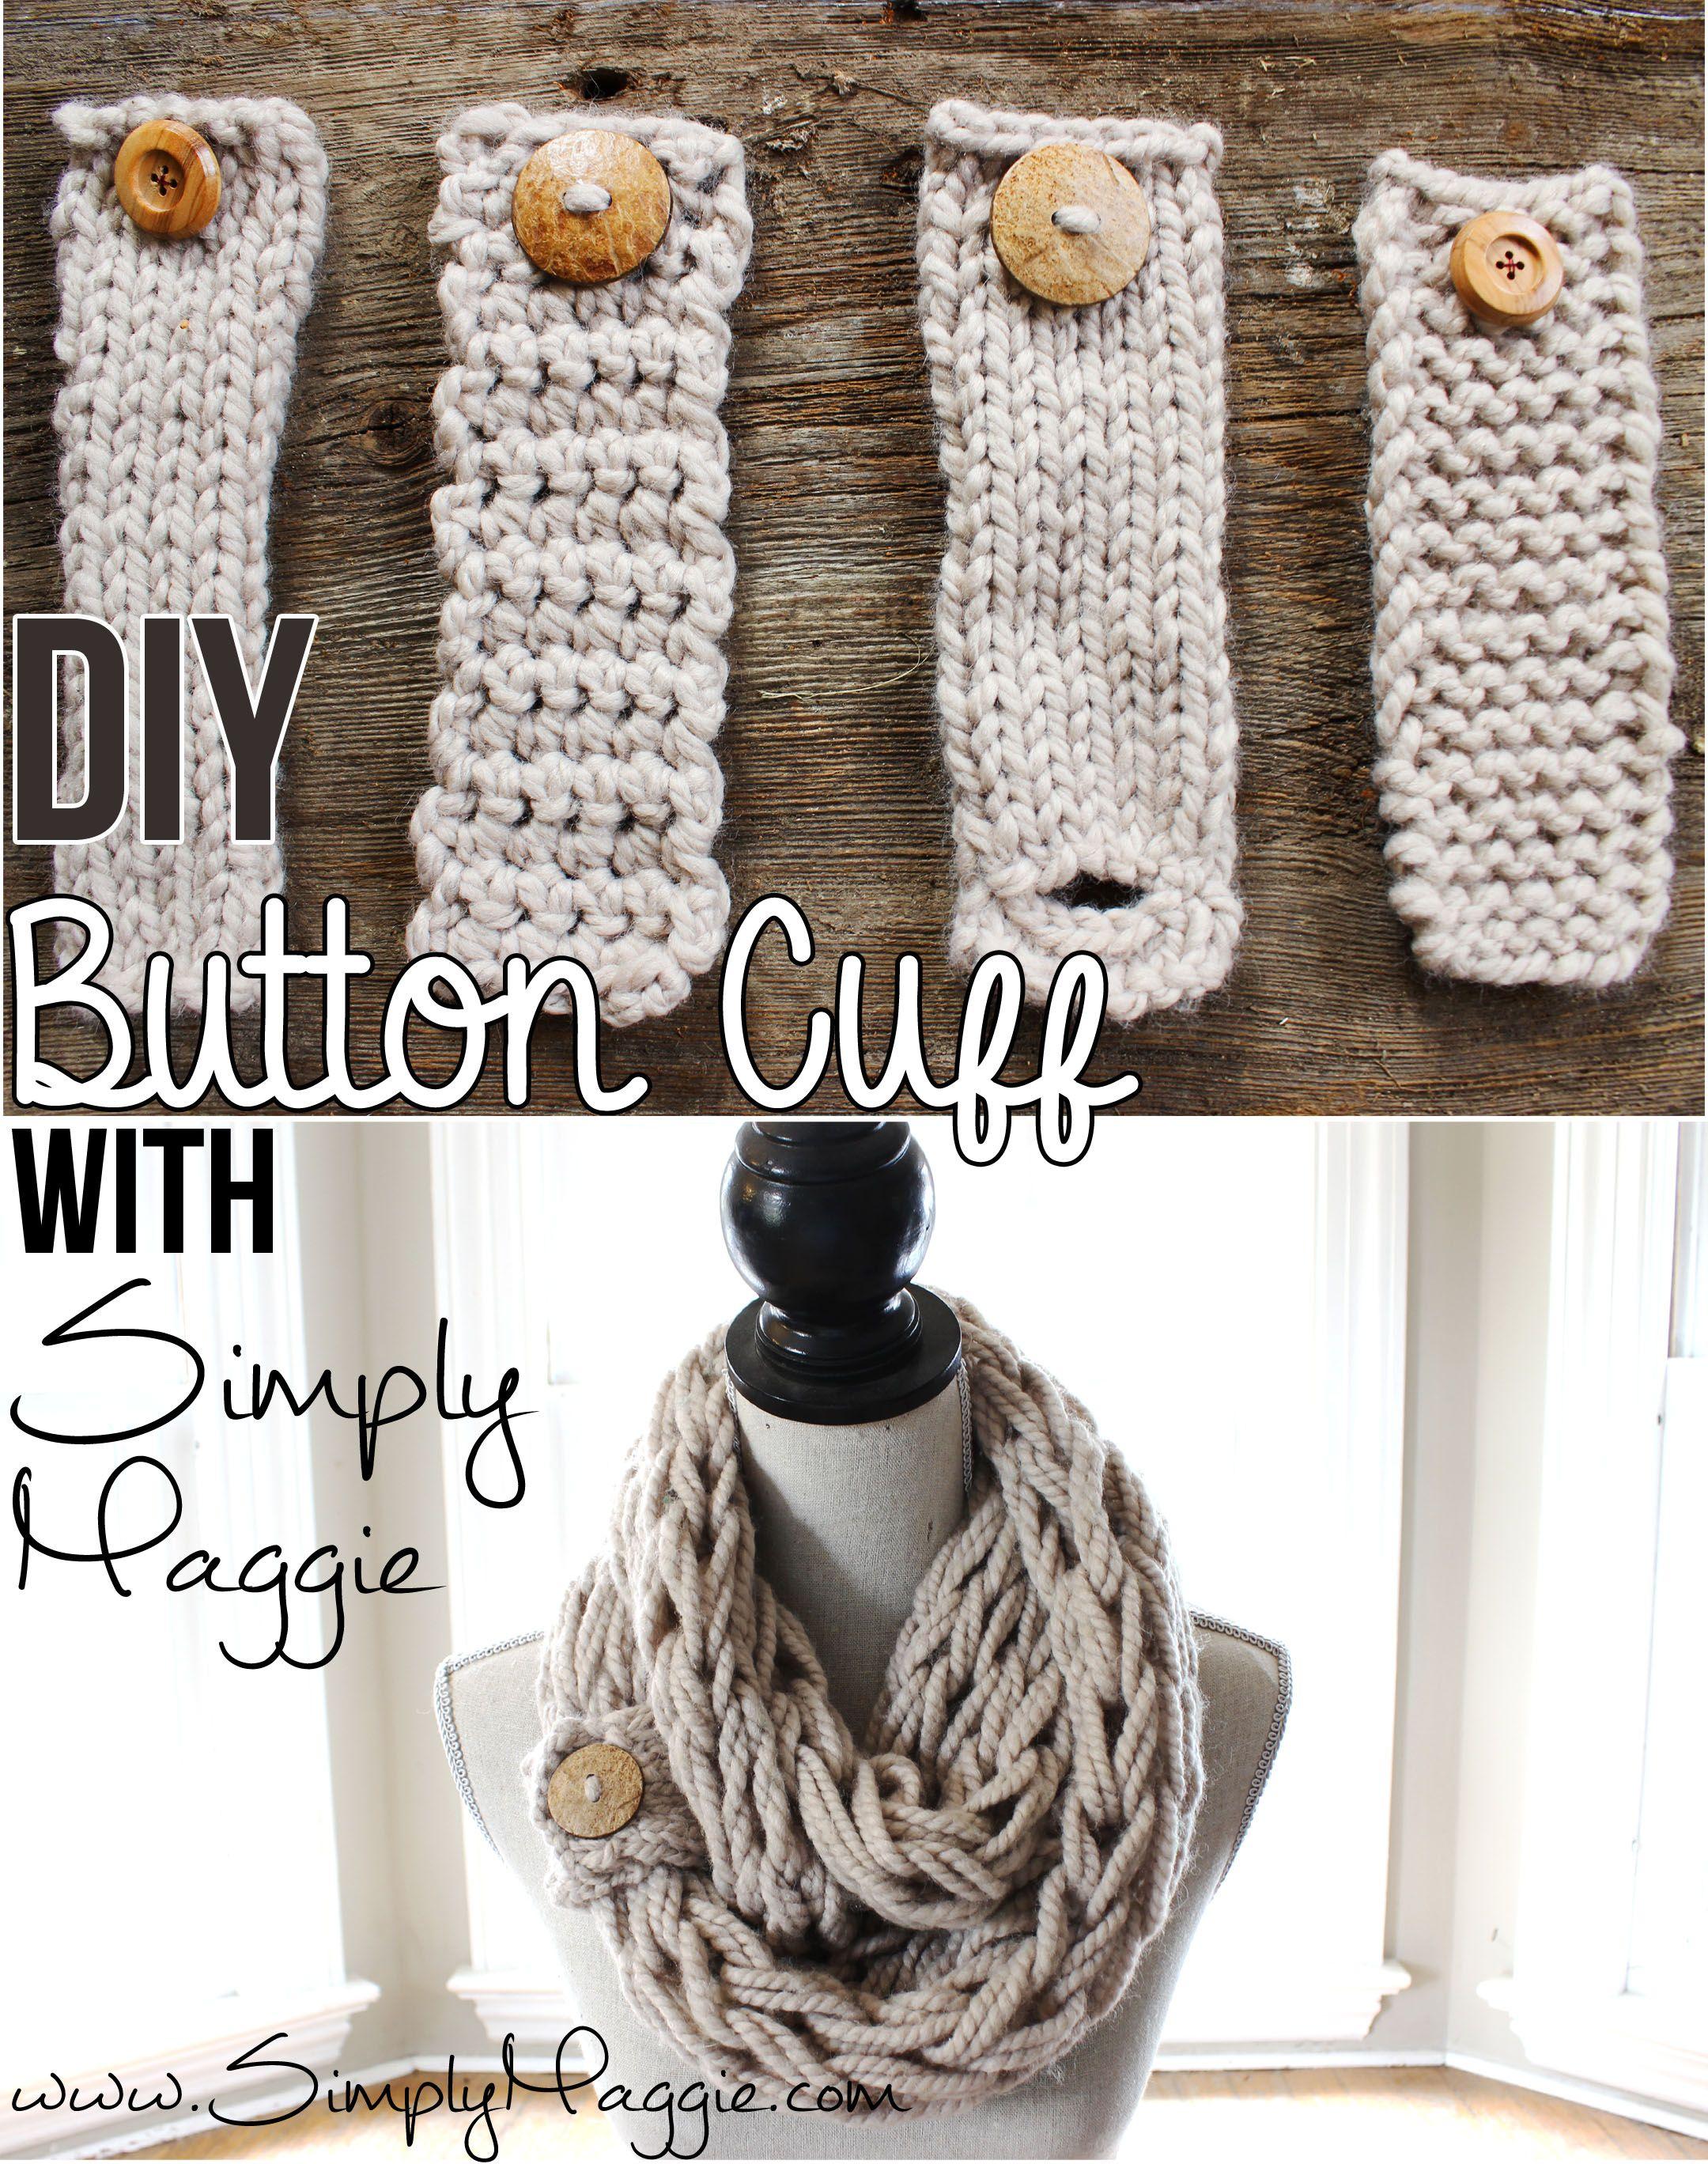 Diy Button Cuff For Infinity Scarf Www Simplymaggie Com Knitting